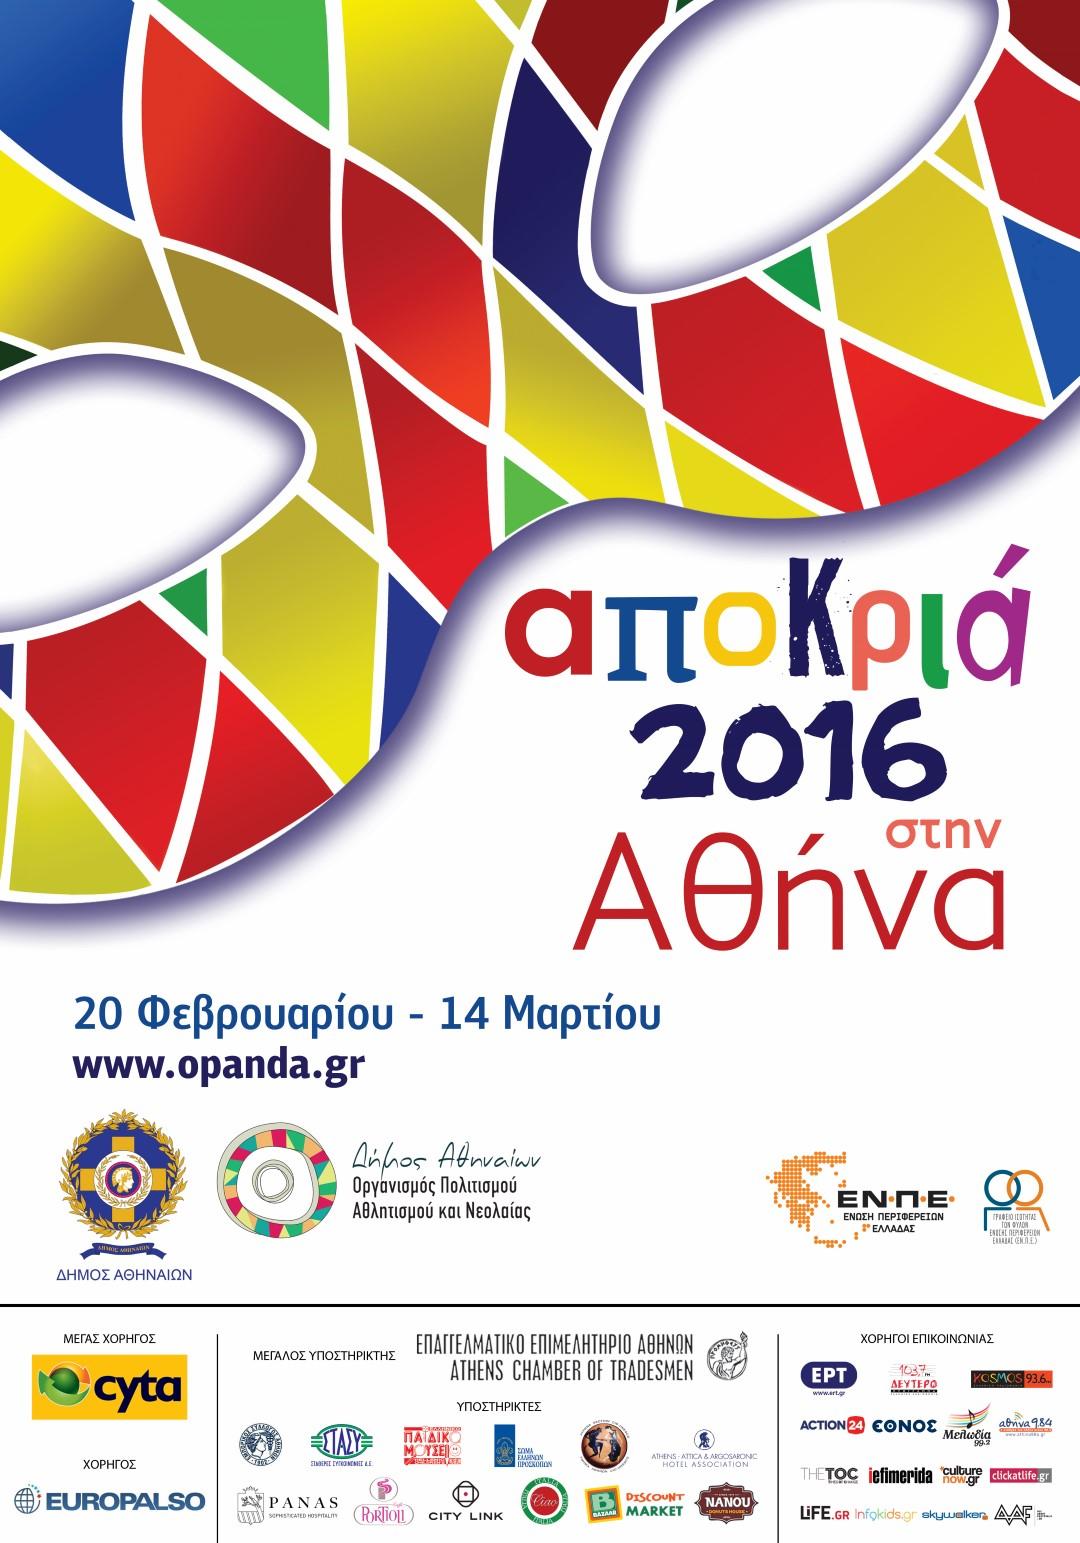 Συνεργασία EUROPALSO με Οργανισμό Πολιτισμού, Αθλητισμού και Νεολαίας Δ. Αθηναίων (Ο.Π.Α.Ν.Δ.Α.)